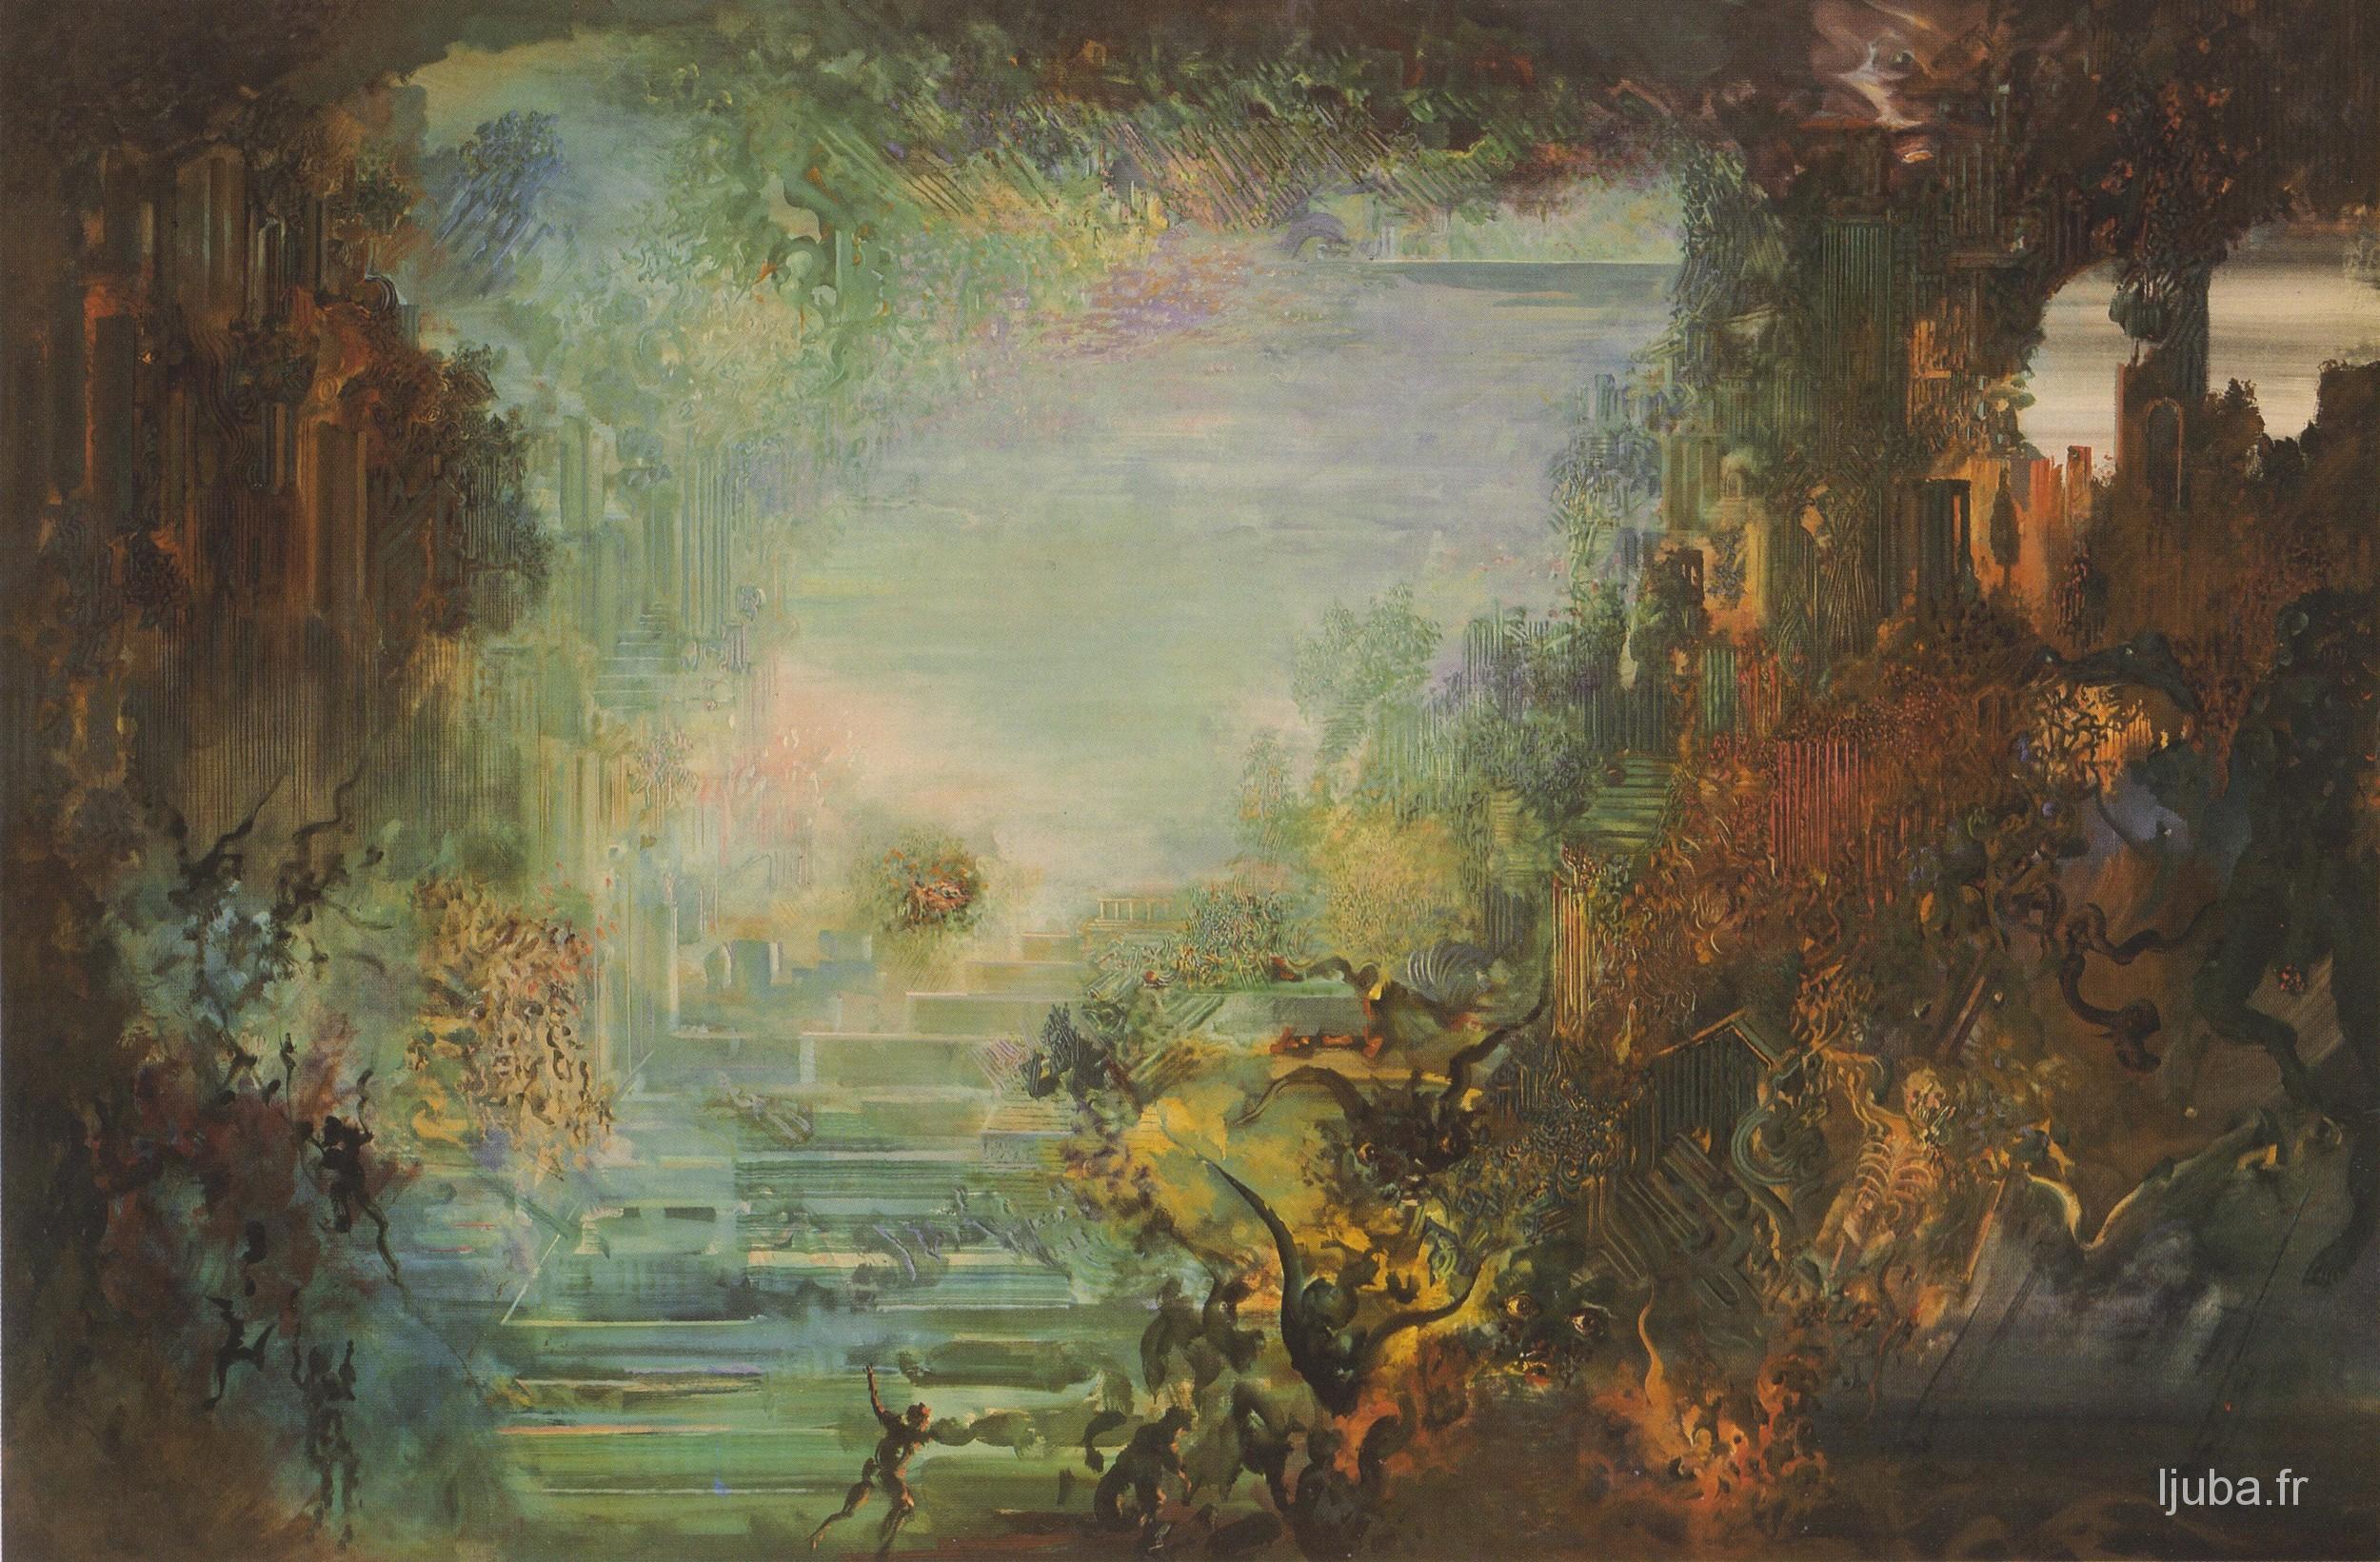 Ljuba Popovic - Le retour d'Ulysse ou Le naufrage d'un paysage idyllique, 1987